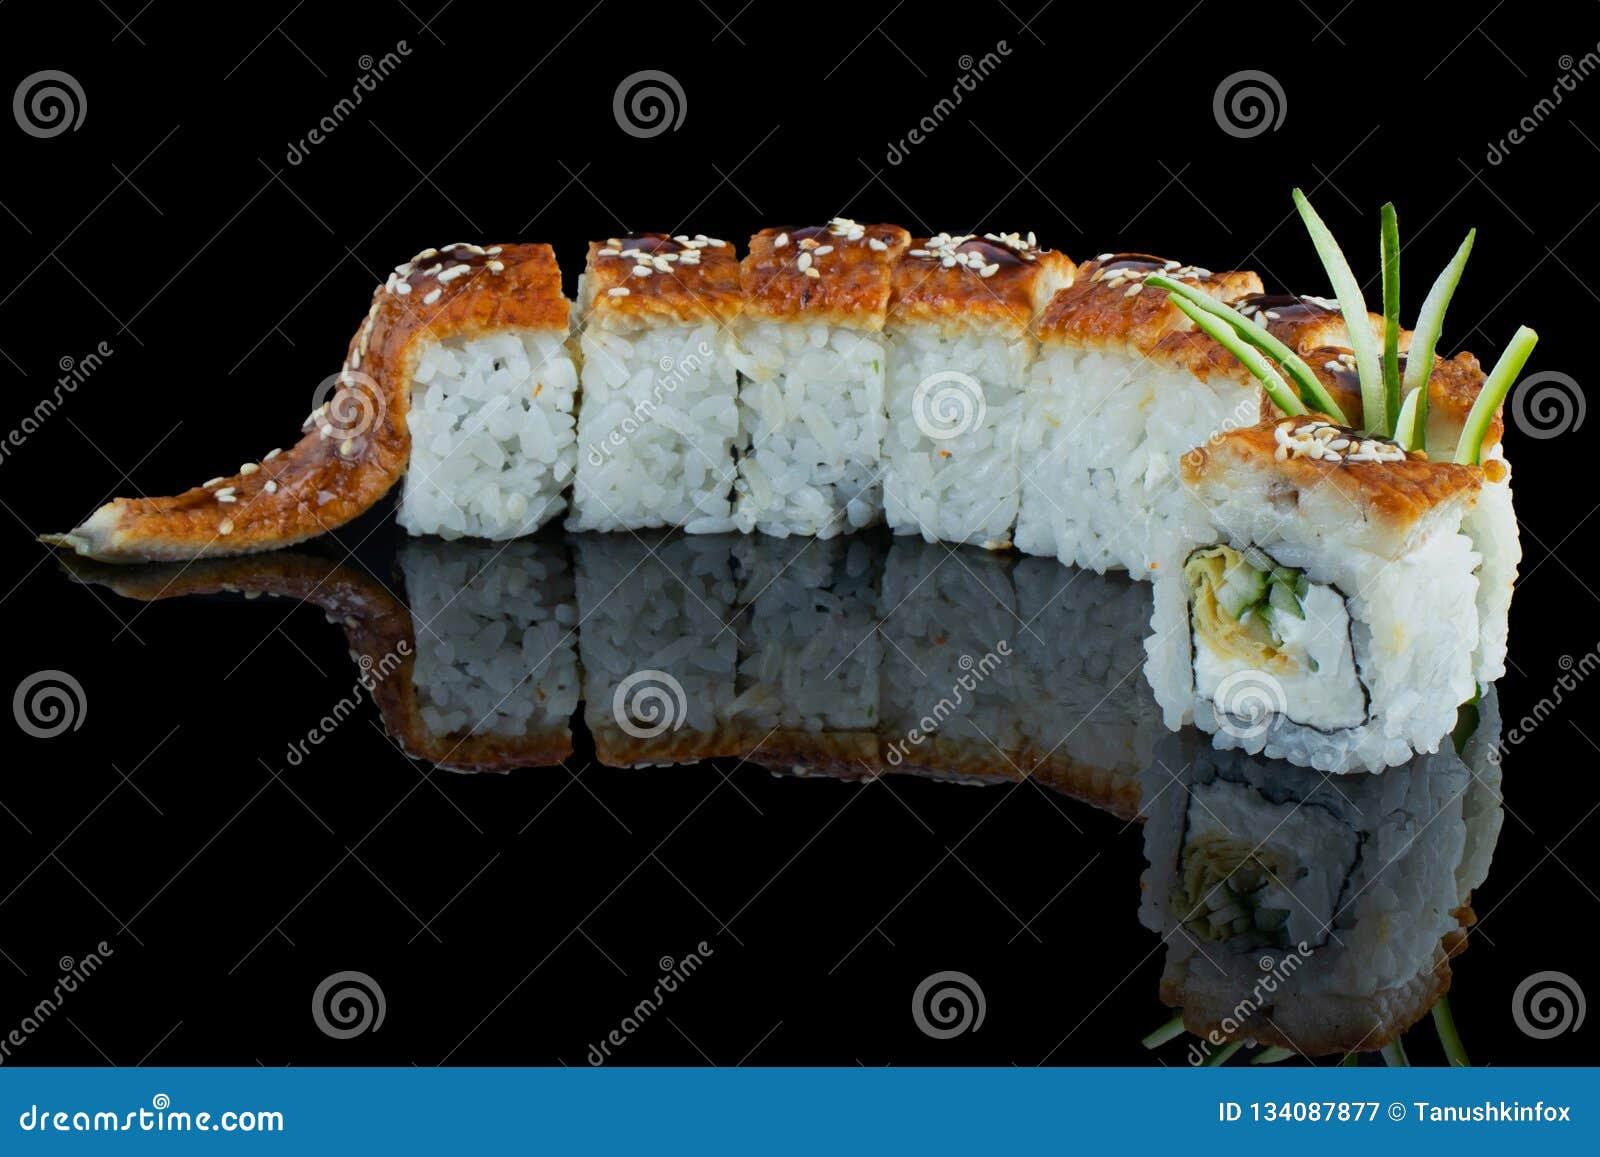 日本食物 鳗鱼卷 对咖啡馆和餐馆菜单